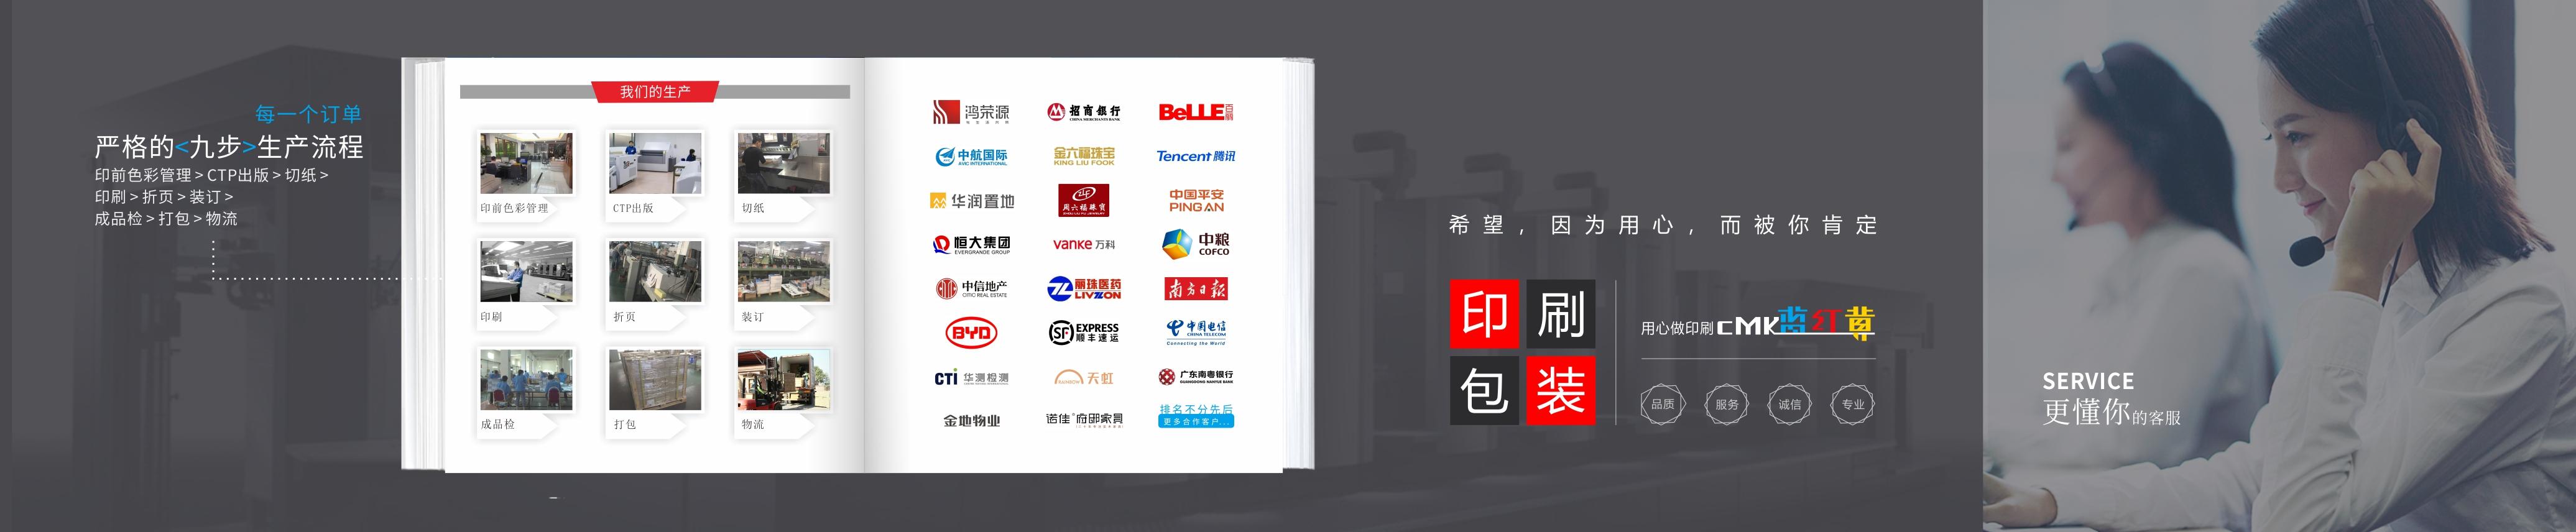 深圳印刷廠,深圳印刷公司,畫冊印刷